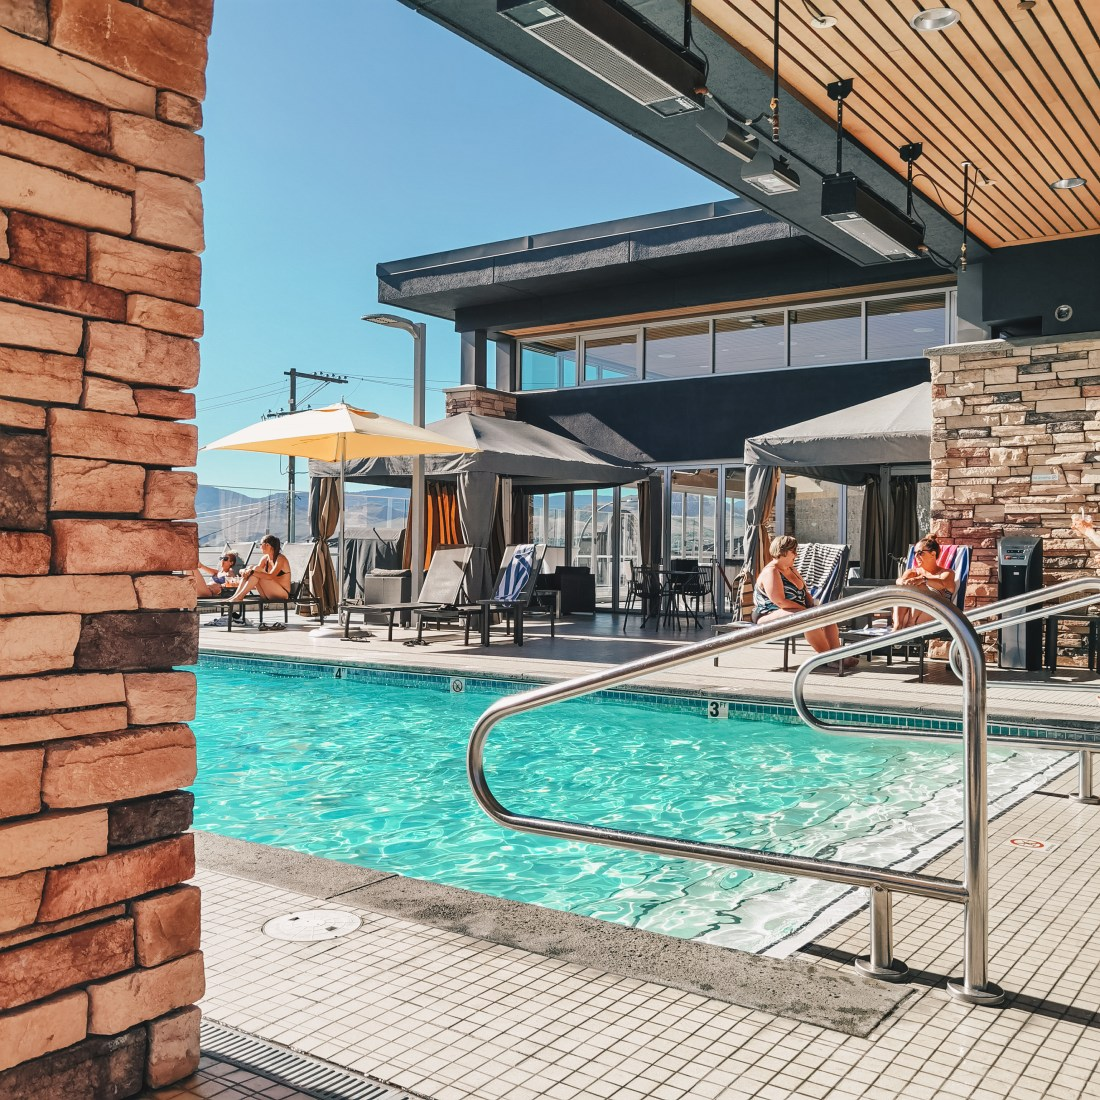 Delta Hotels by Marriott Kamloops - Cordo Kamloops - Poolside View